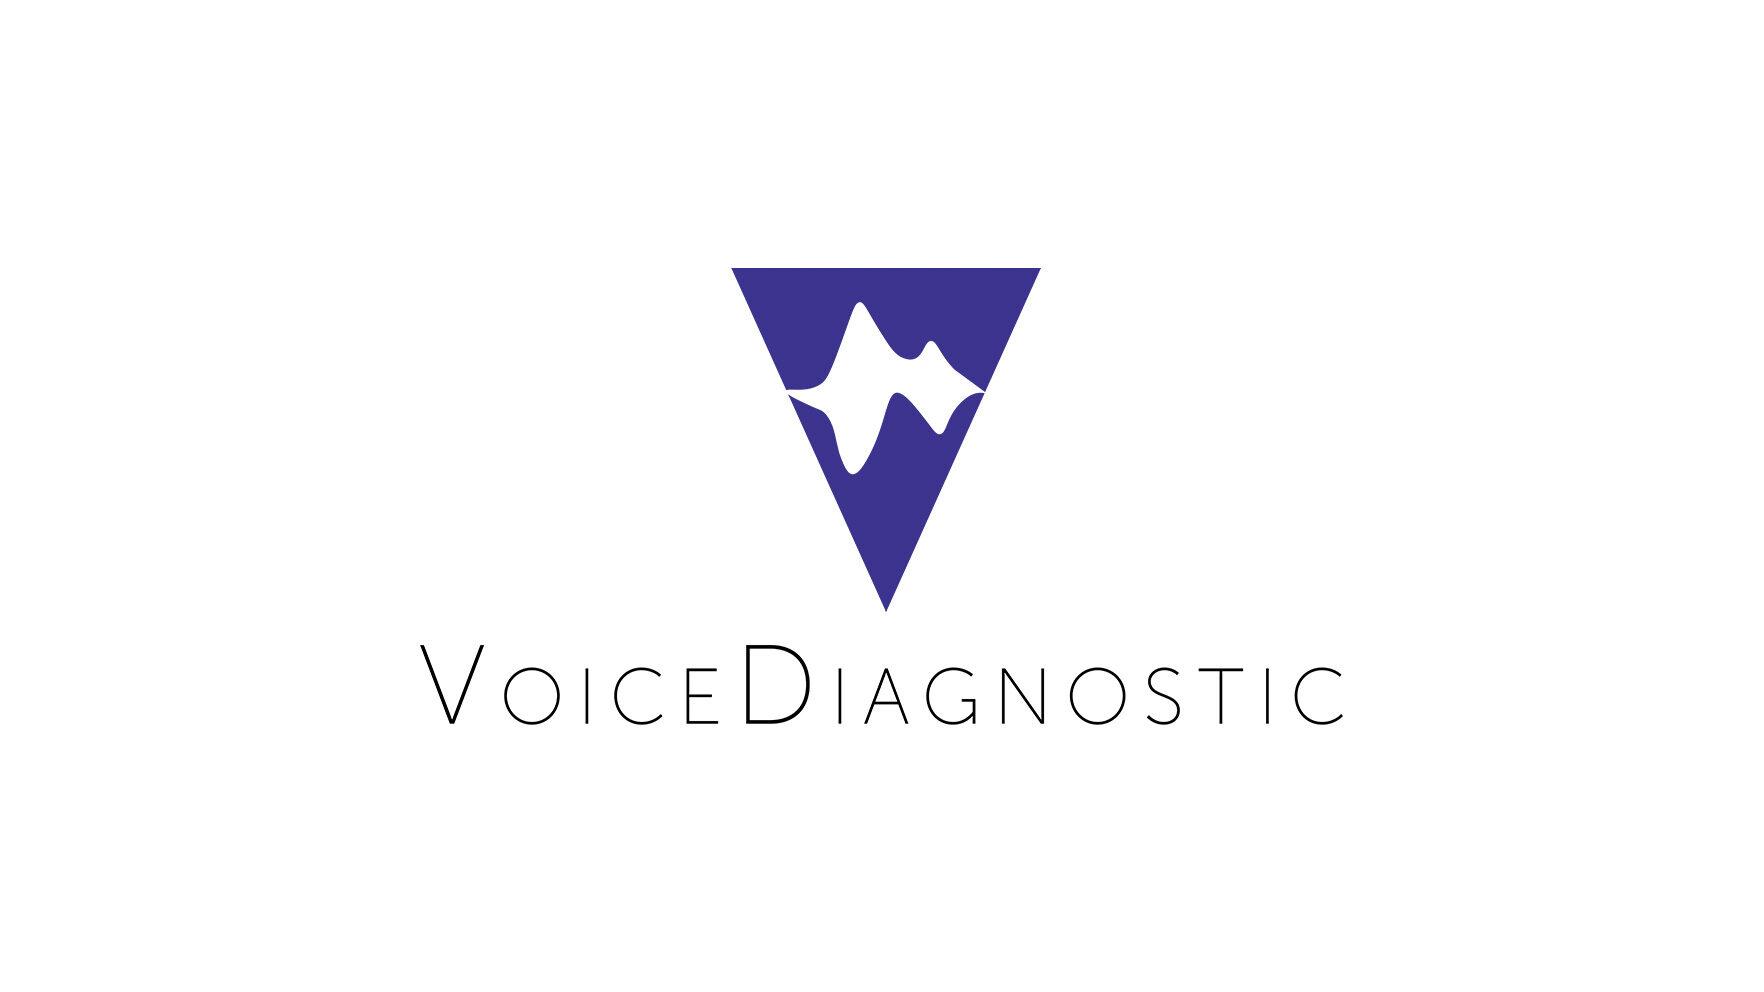 Voice Diagnostic